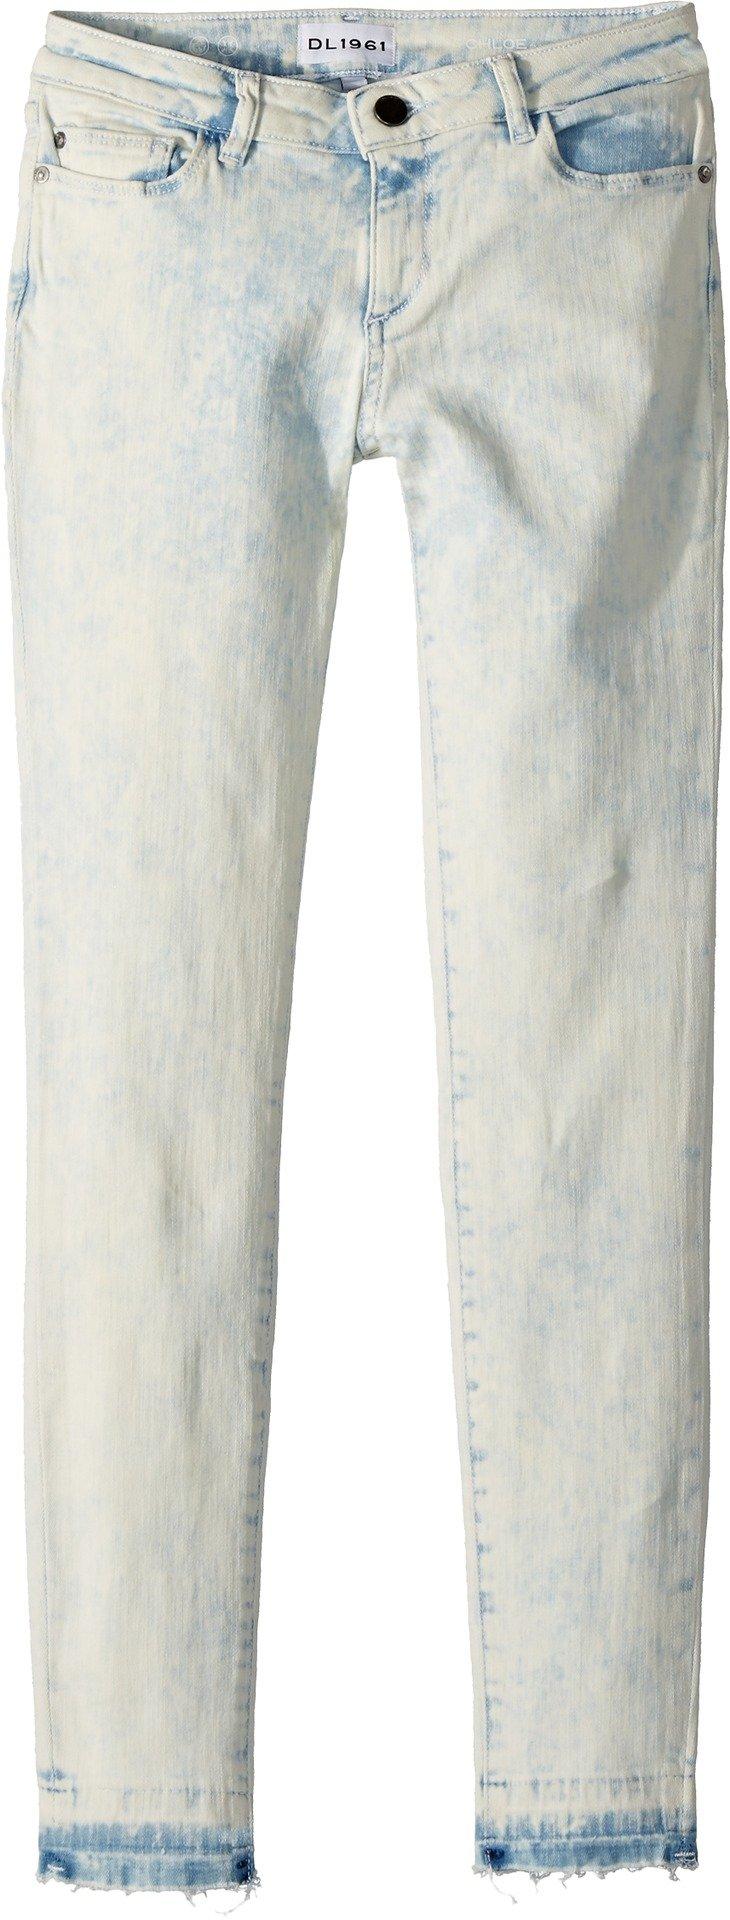 DL1961 Kids Girl's Chloe Light Wash Skinny Jeans in Surfside (Big Kids) Surfside 14